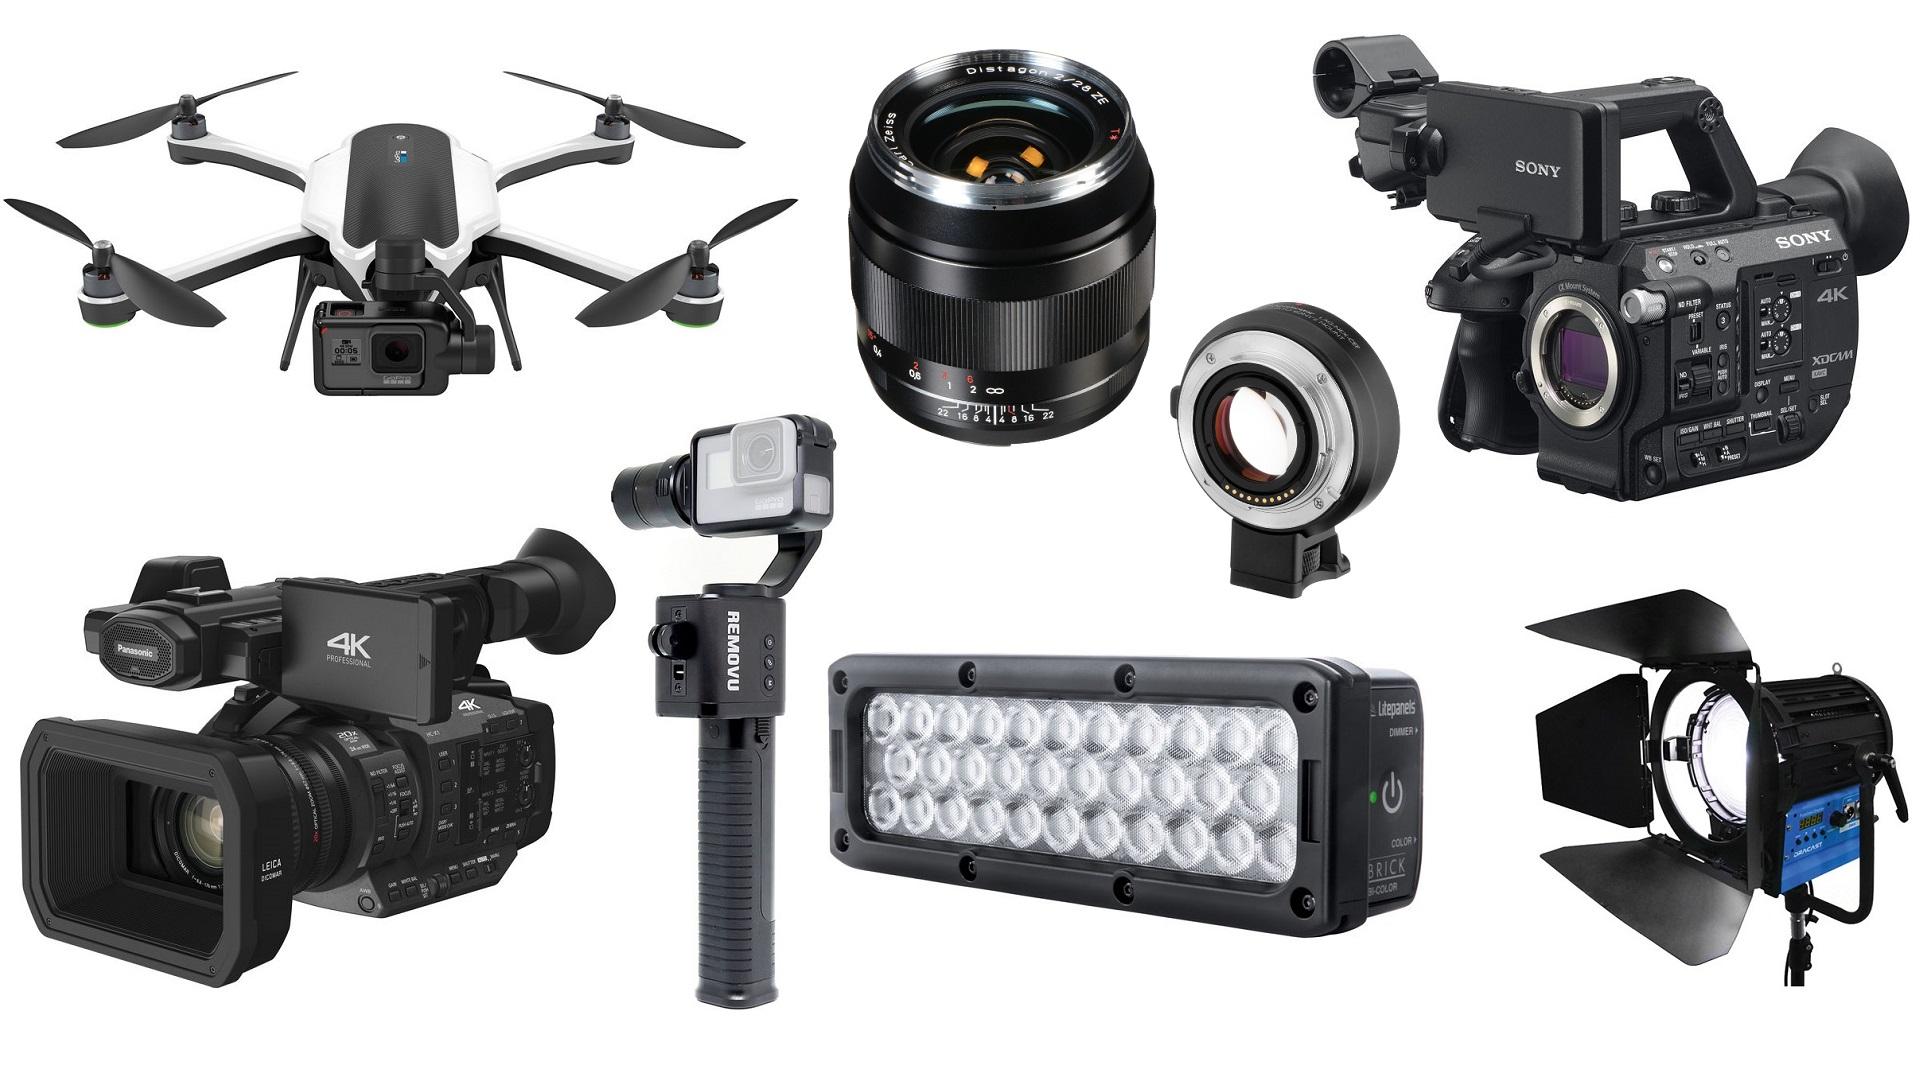 Las 10 mejores ofertas para cineastas de esta semana – Sony FS5, GoPro Karma, lente ZEISS y más